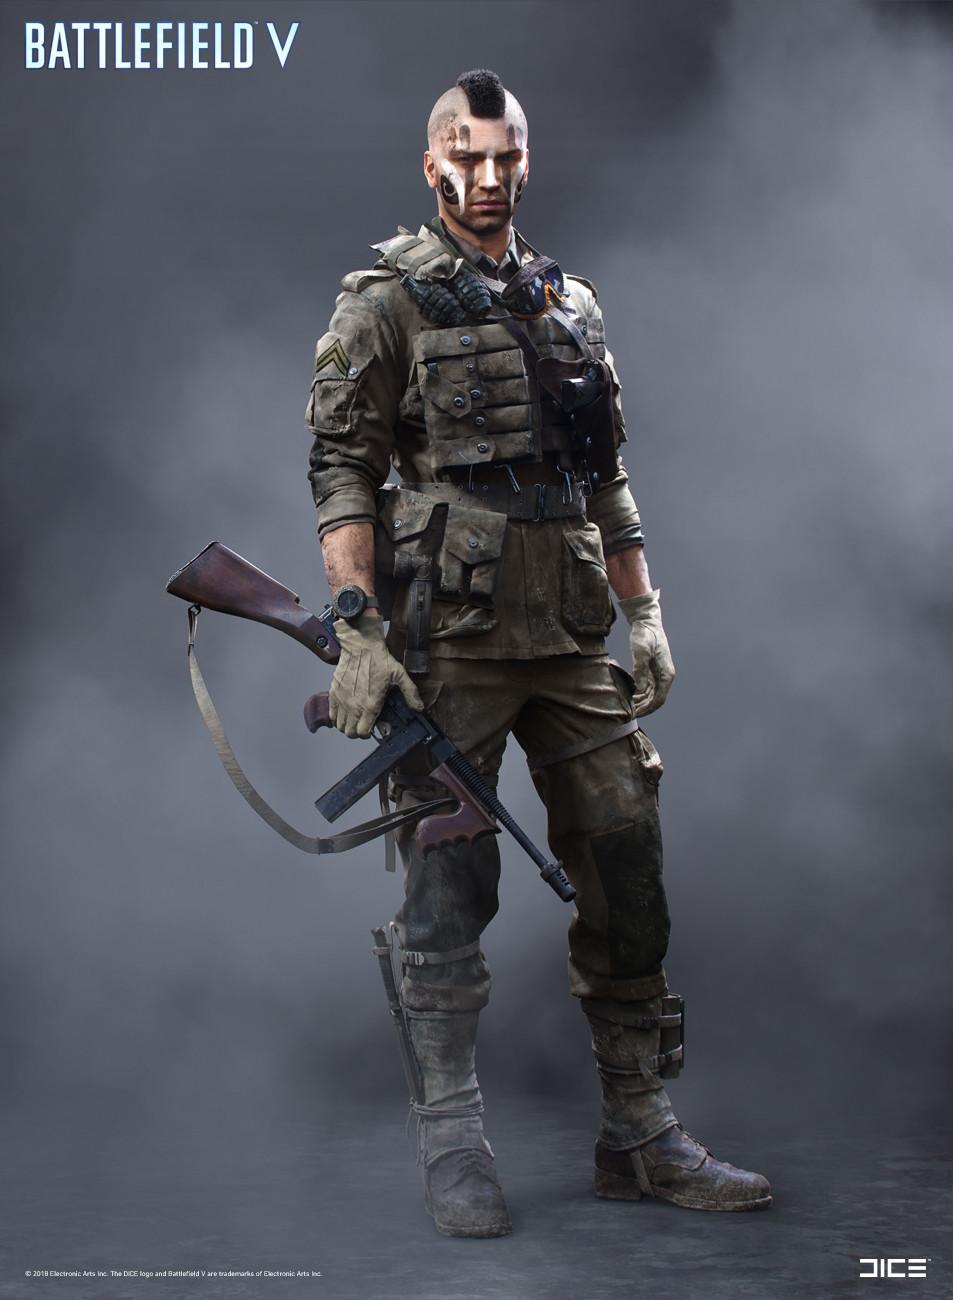 """""""Battlefield V"""" - Allied Assault, MP Soldier - Concept Art"""